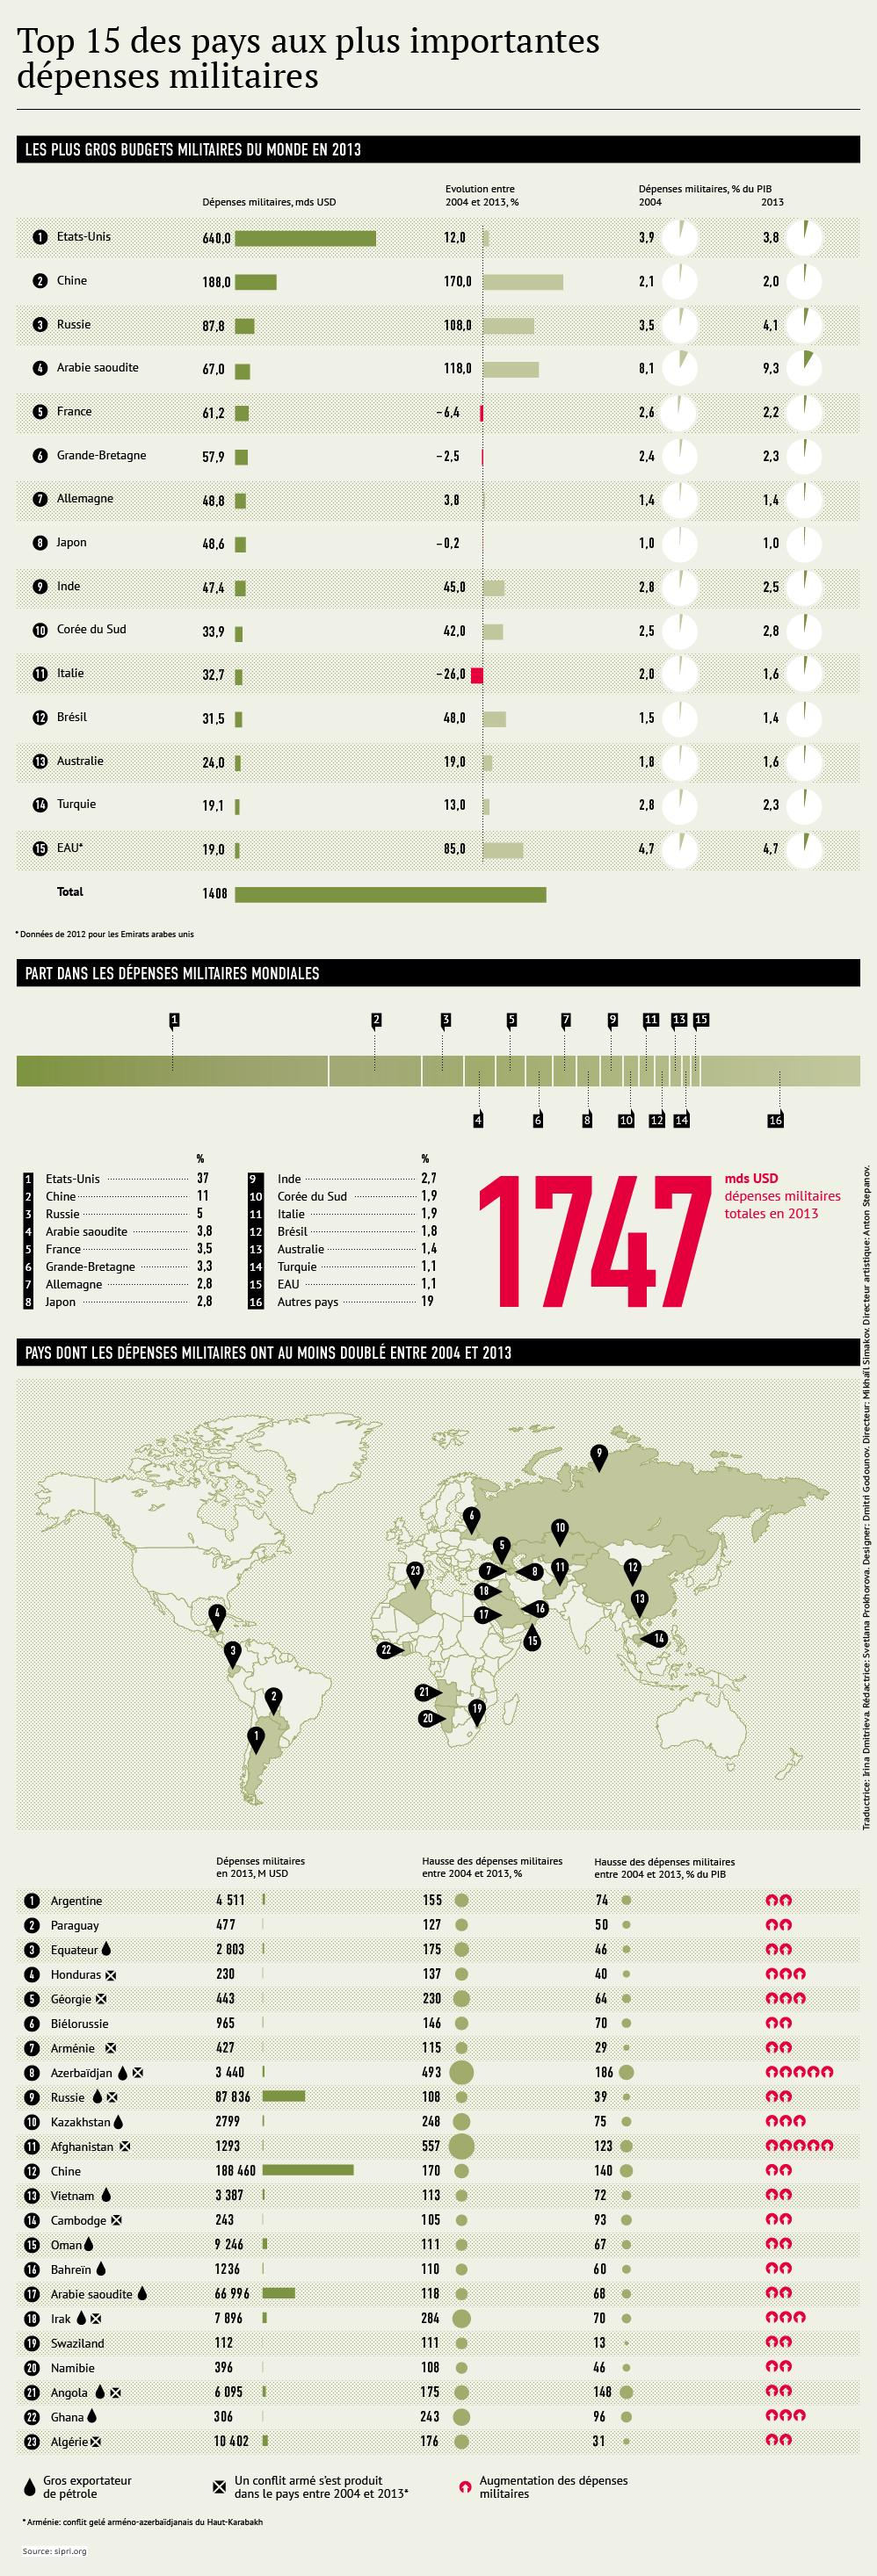 Les plus gros budgets militaires du monde